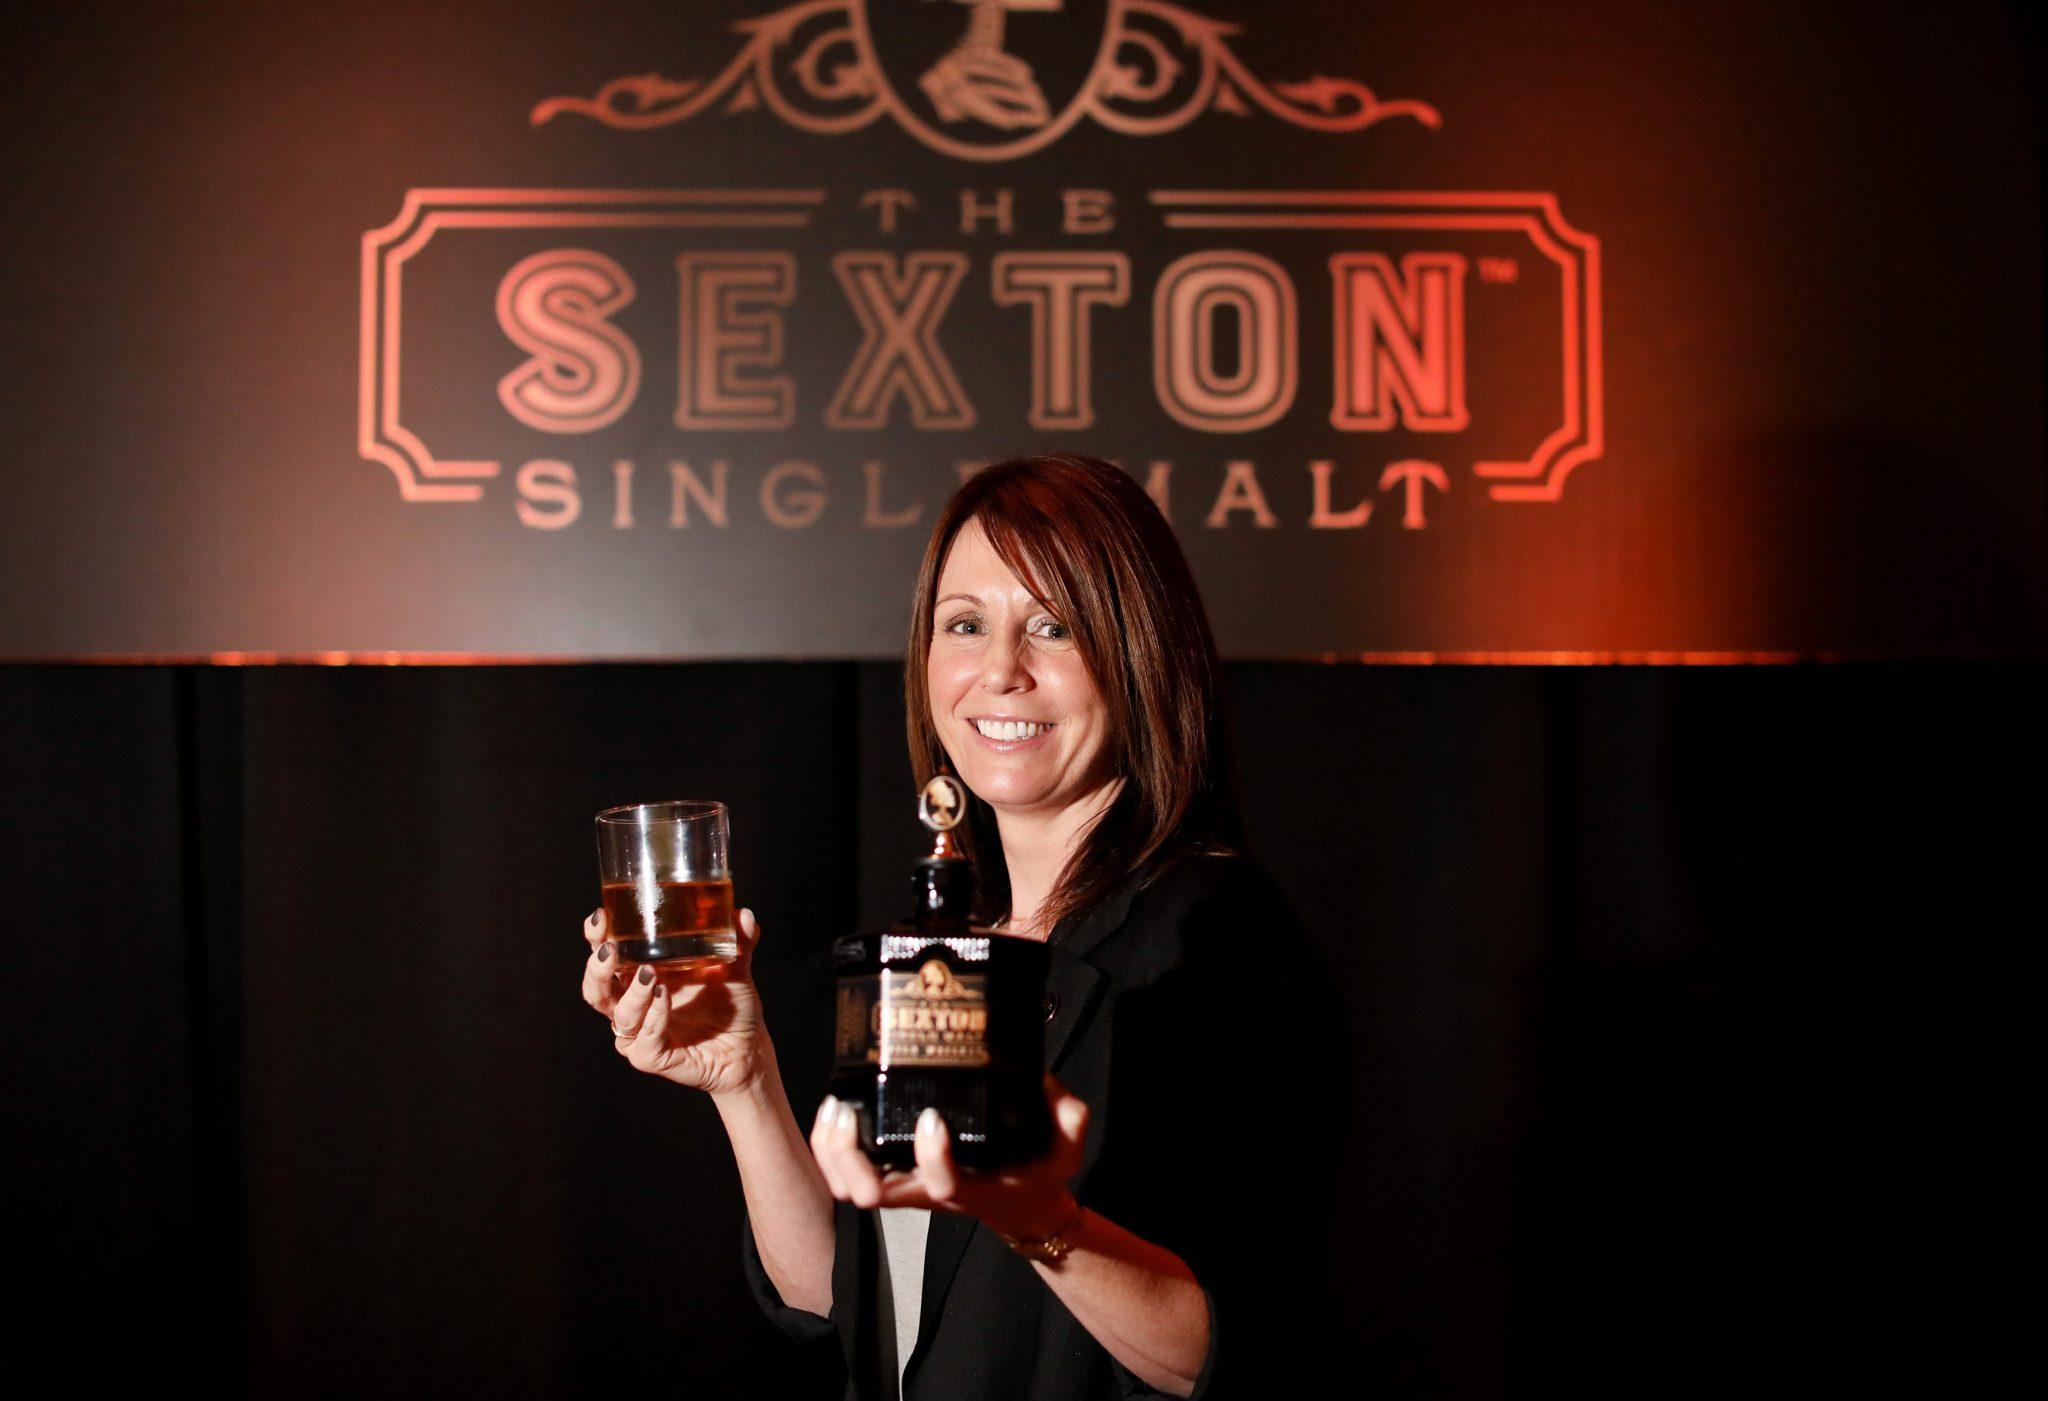 Irish debut for Bushmills' Sexton